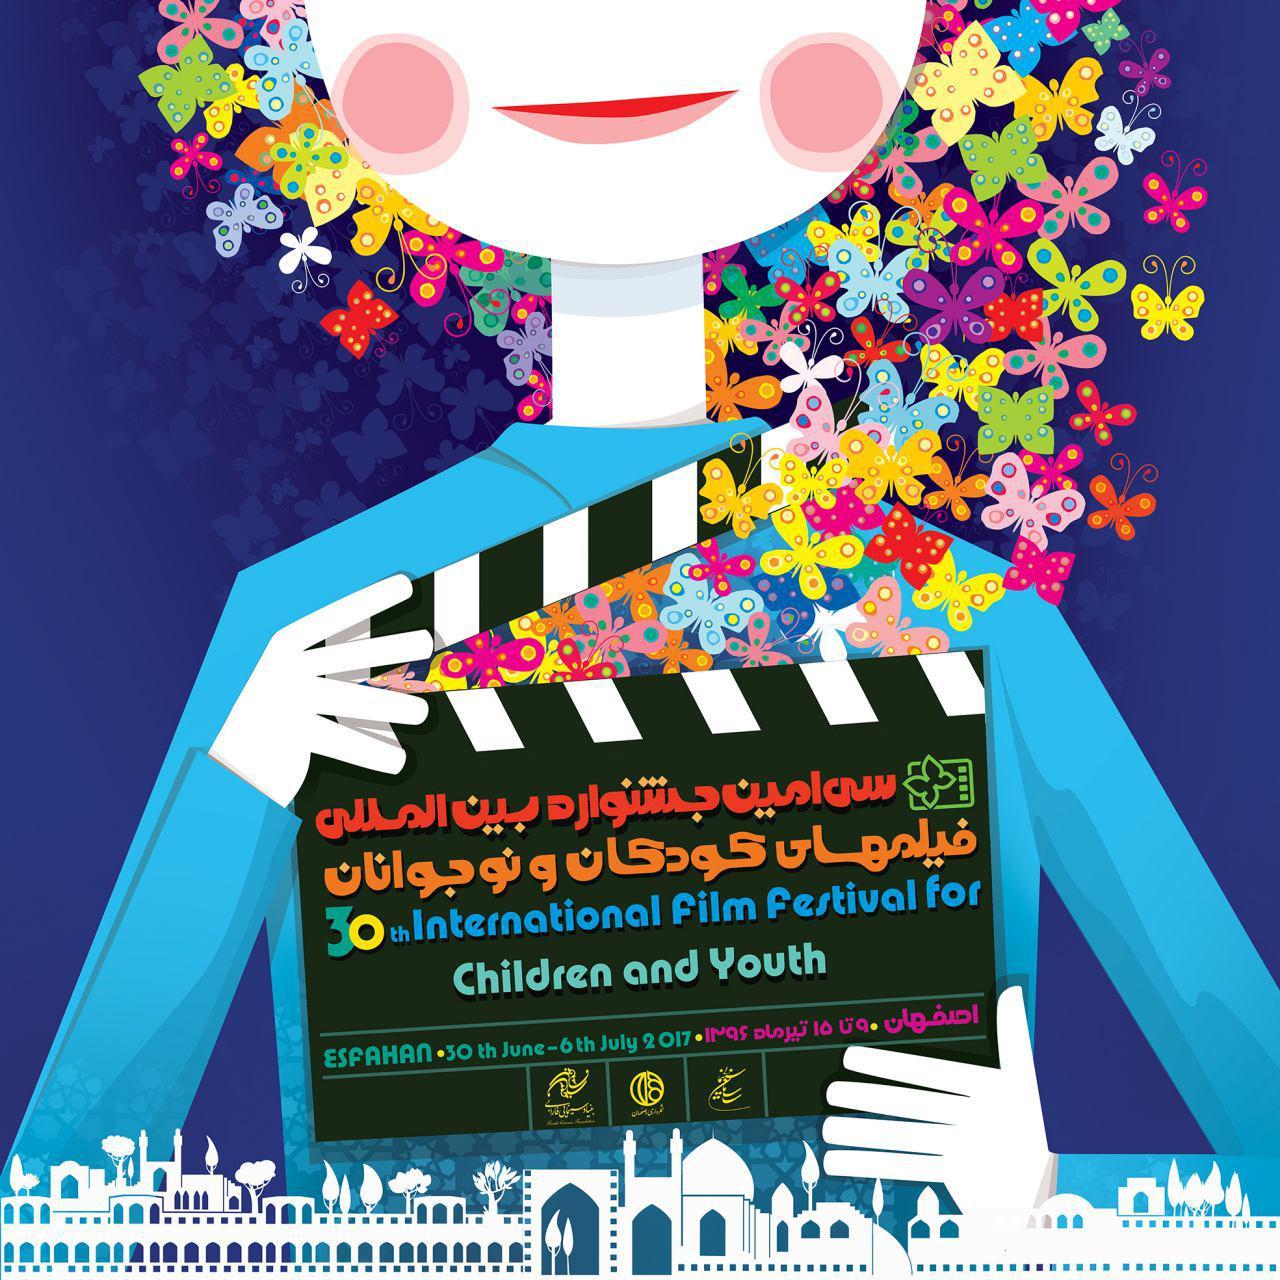 پوستر سیاُمین جشنواره فیلمهای کودکان و نوجوانان در اصفهان رونمایی شد